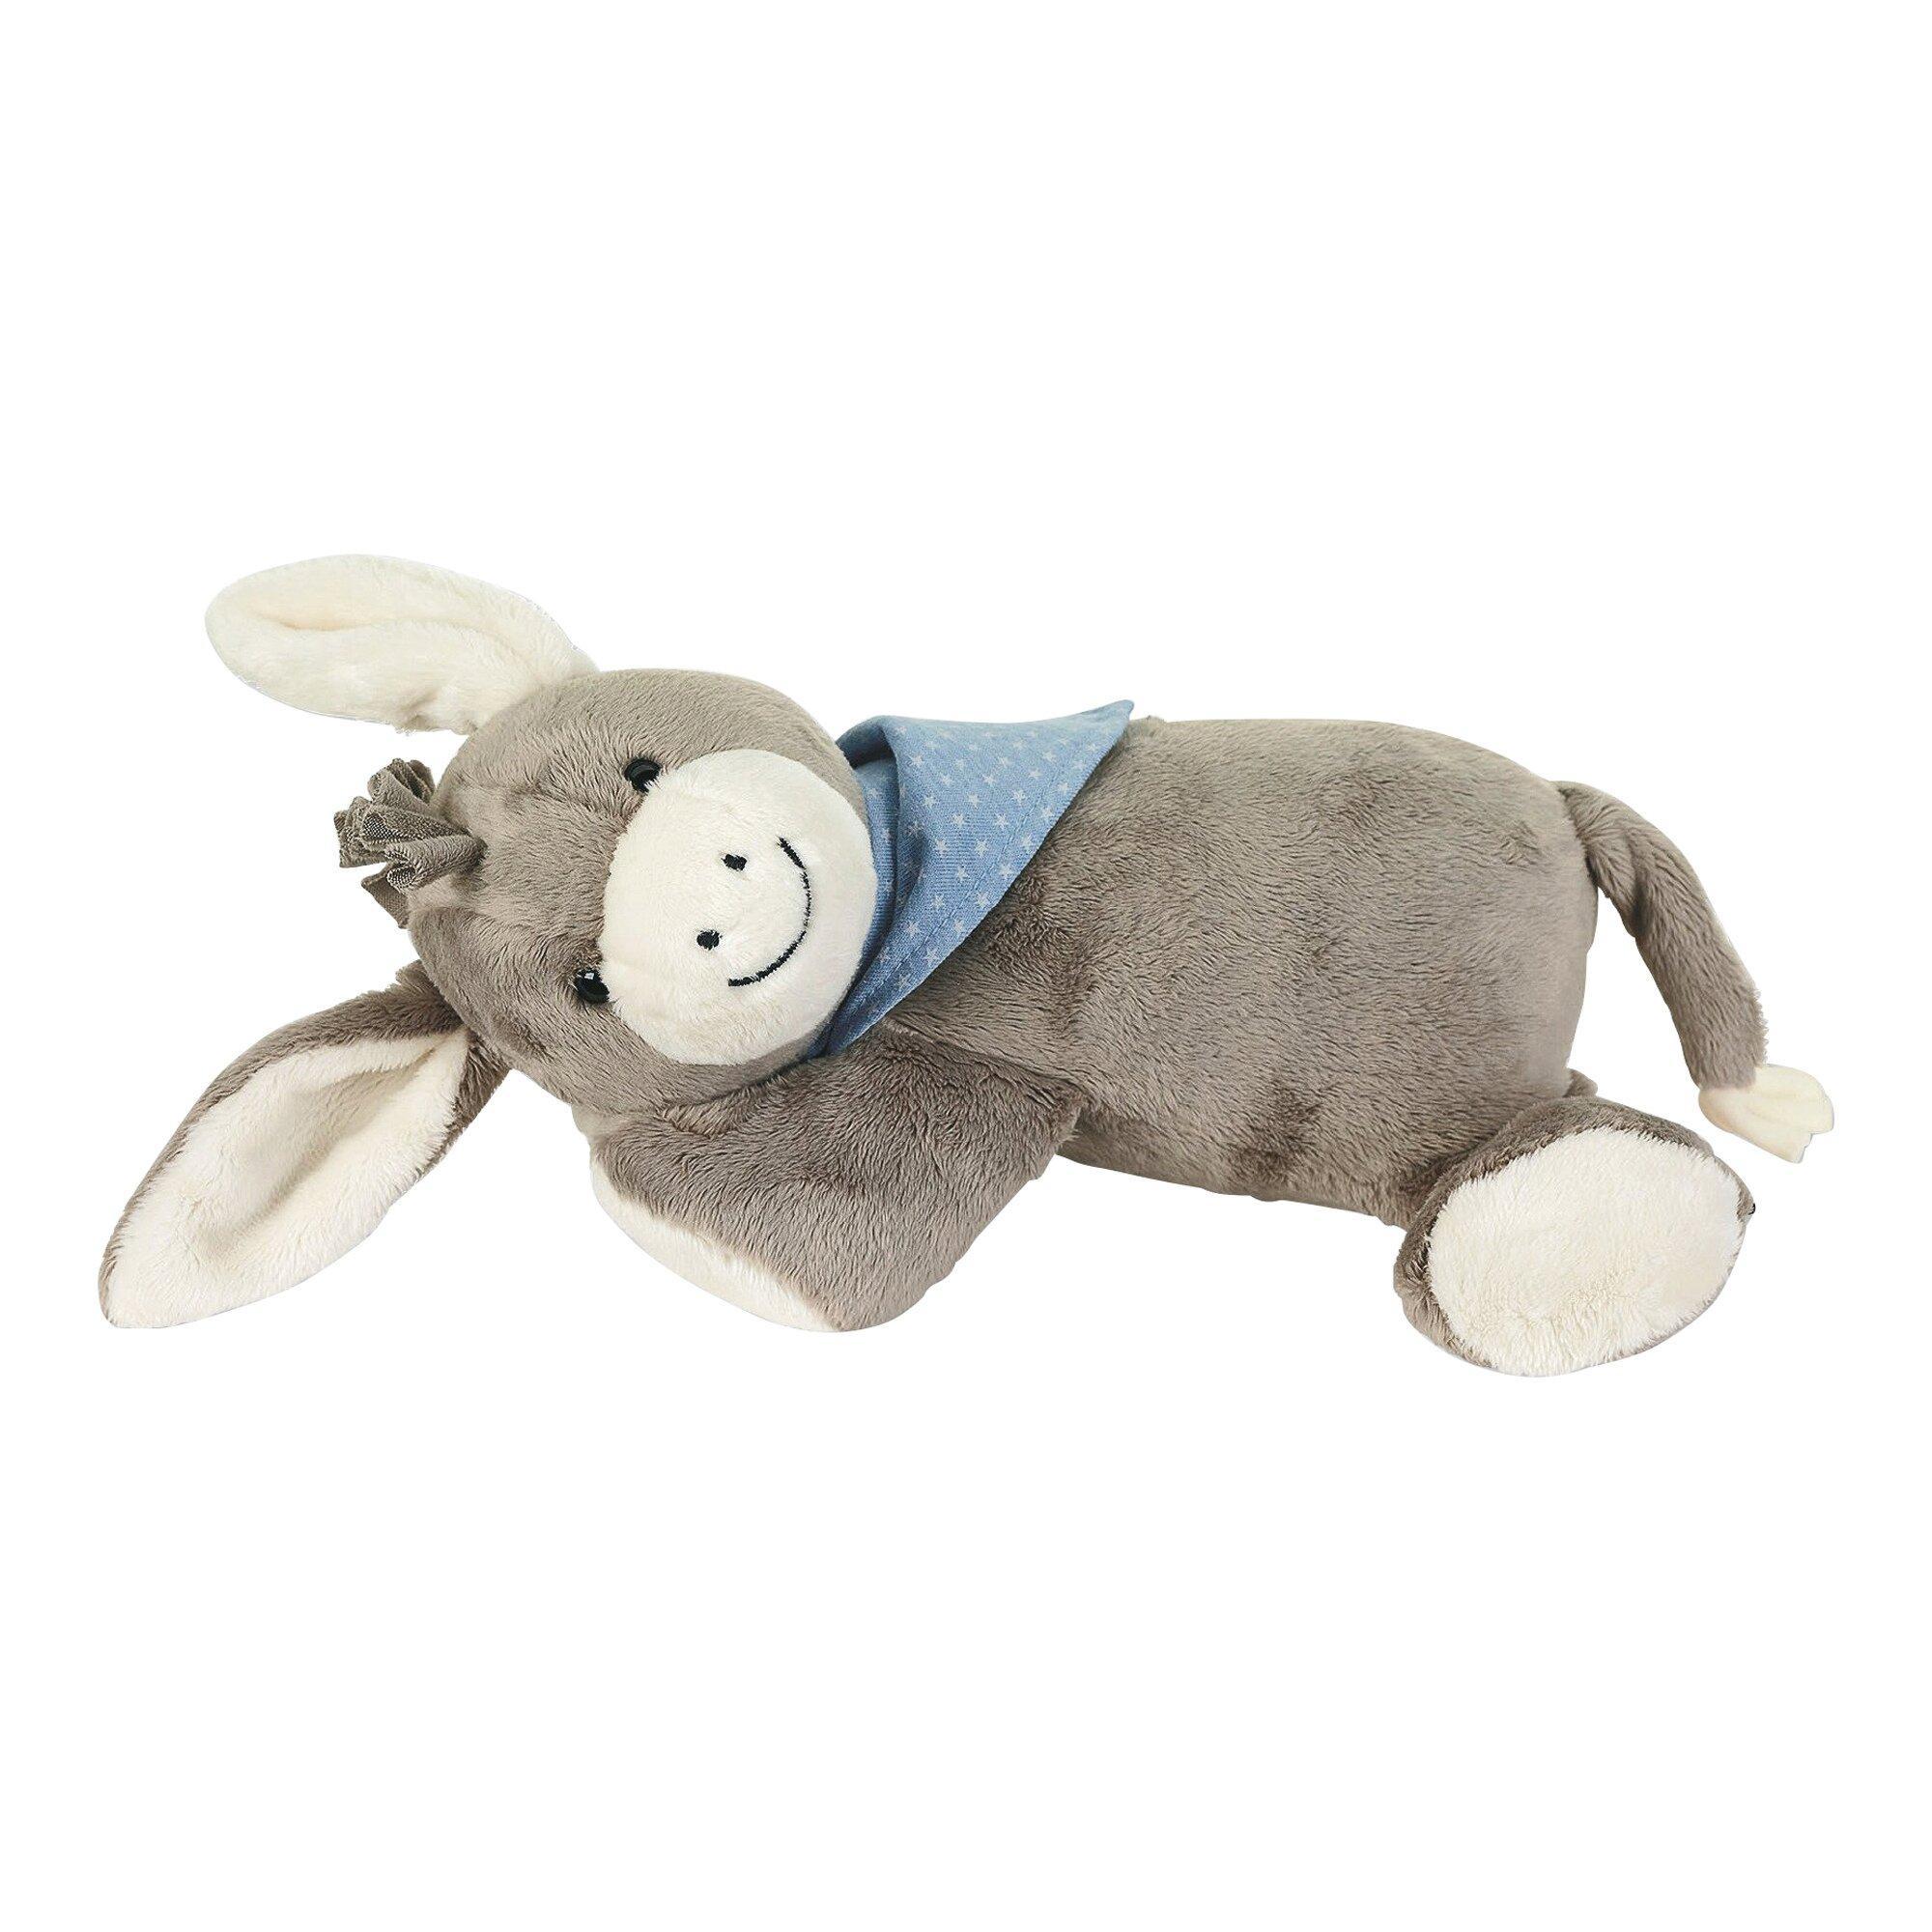 Kuscheltier Schlaf-Gut Figur Esel Emmi mit Herzschlag-Simulation 30cm